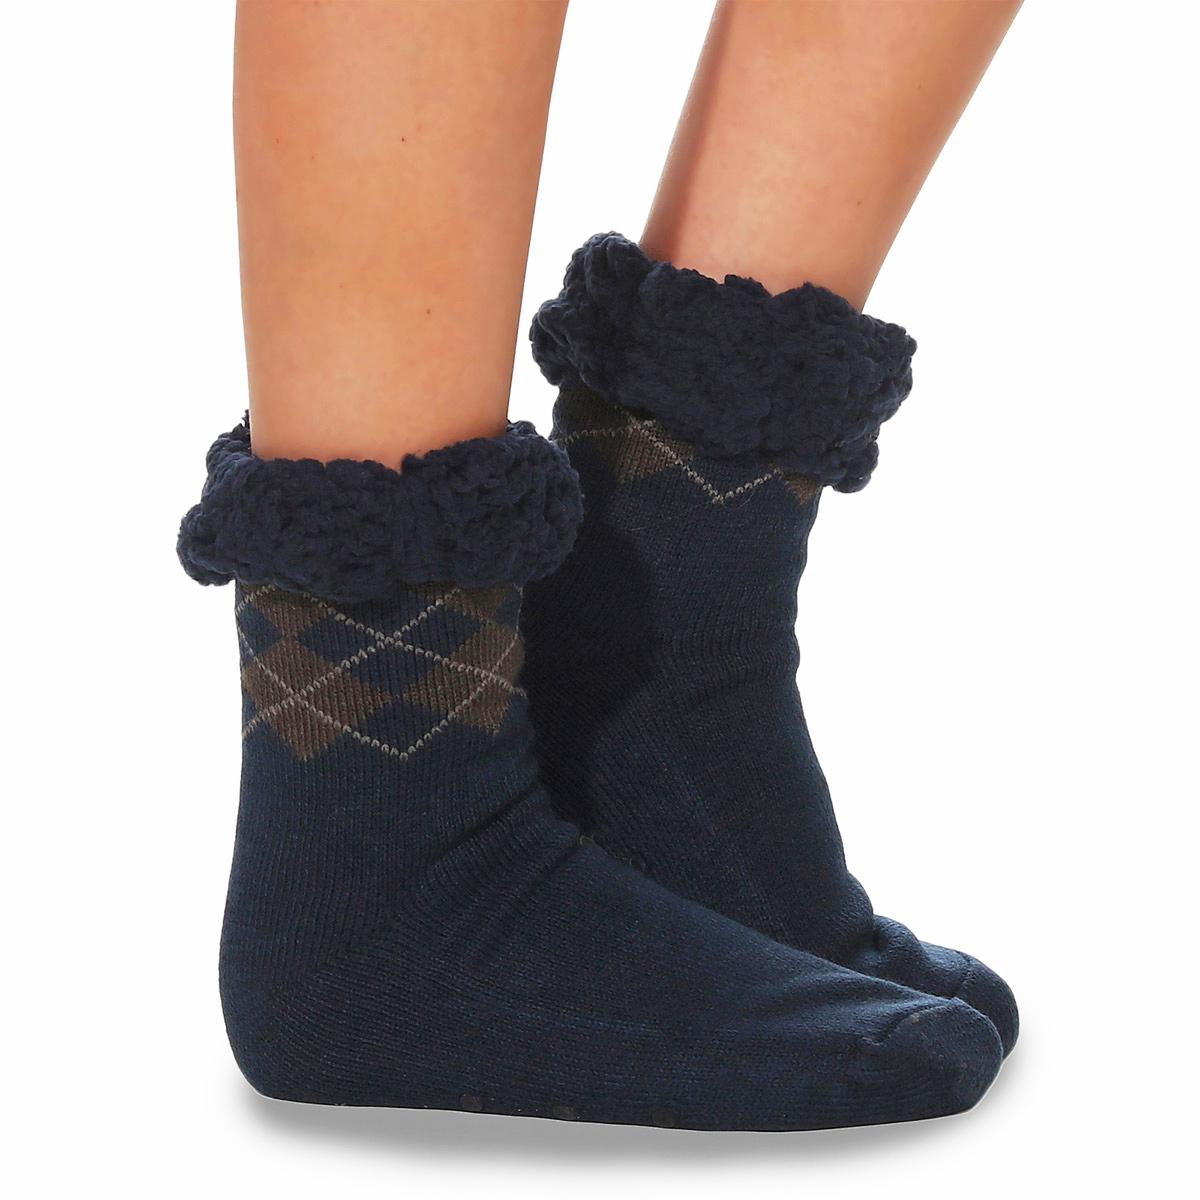 Huettensocken-Kuschelsocken-Struempfe-Herren-Hausschuhe-ABS-Pantoffeln-Fell-Warm-7